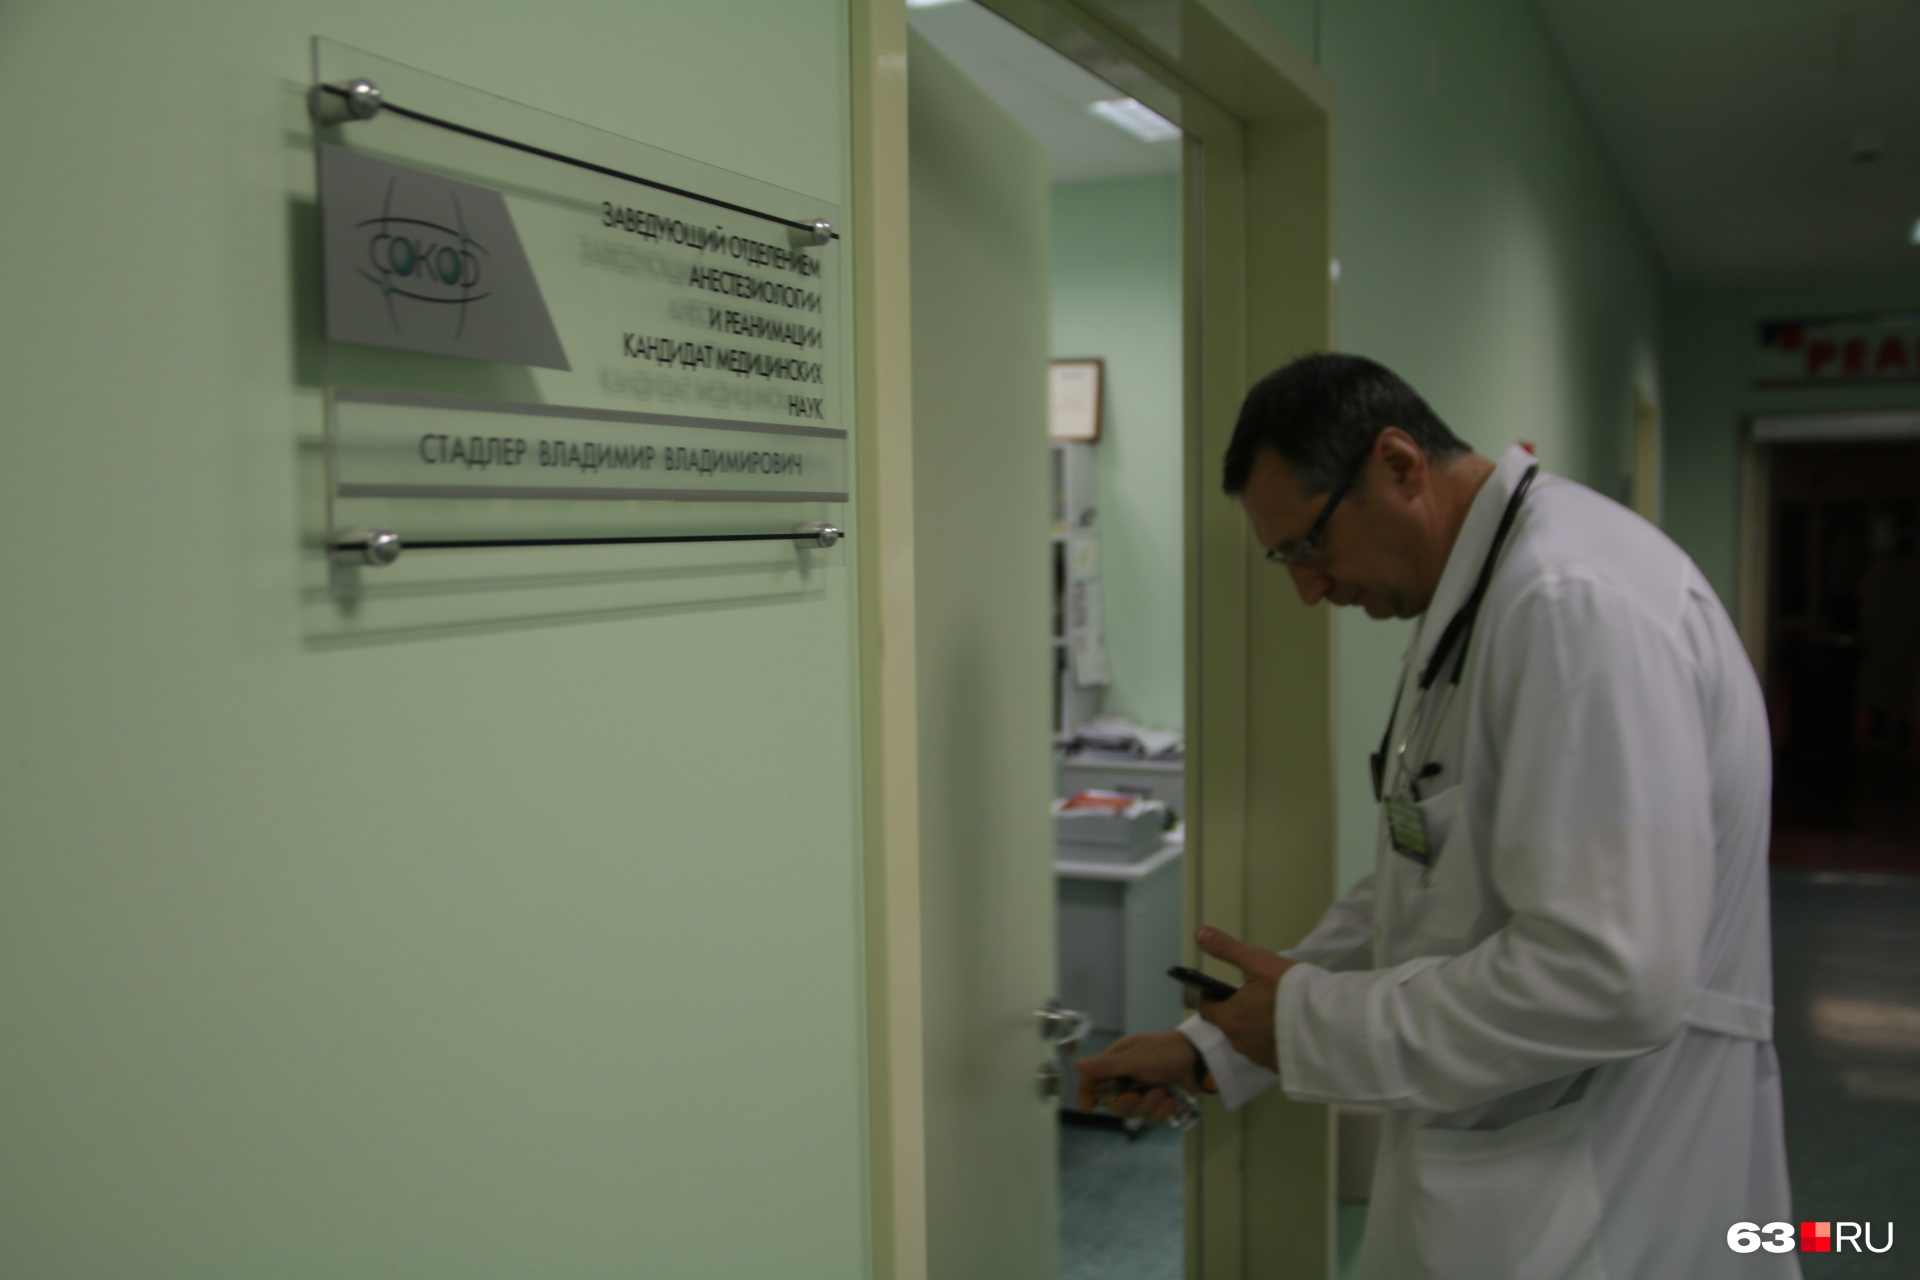 Рабочий день анестезиолога начинается раньше, но заканчивается позже